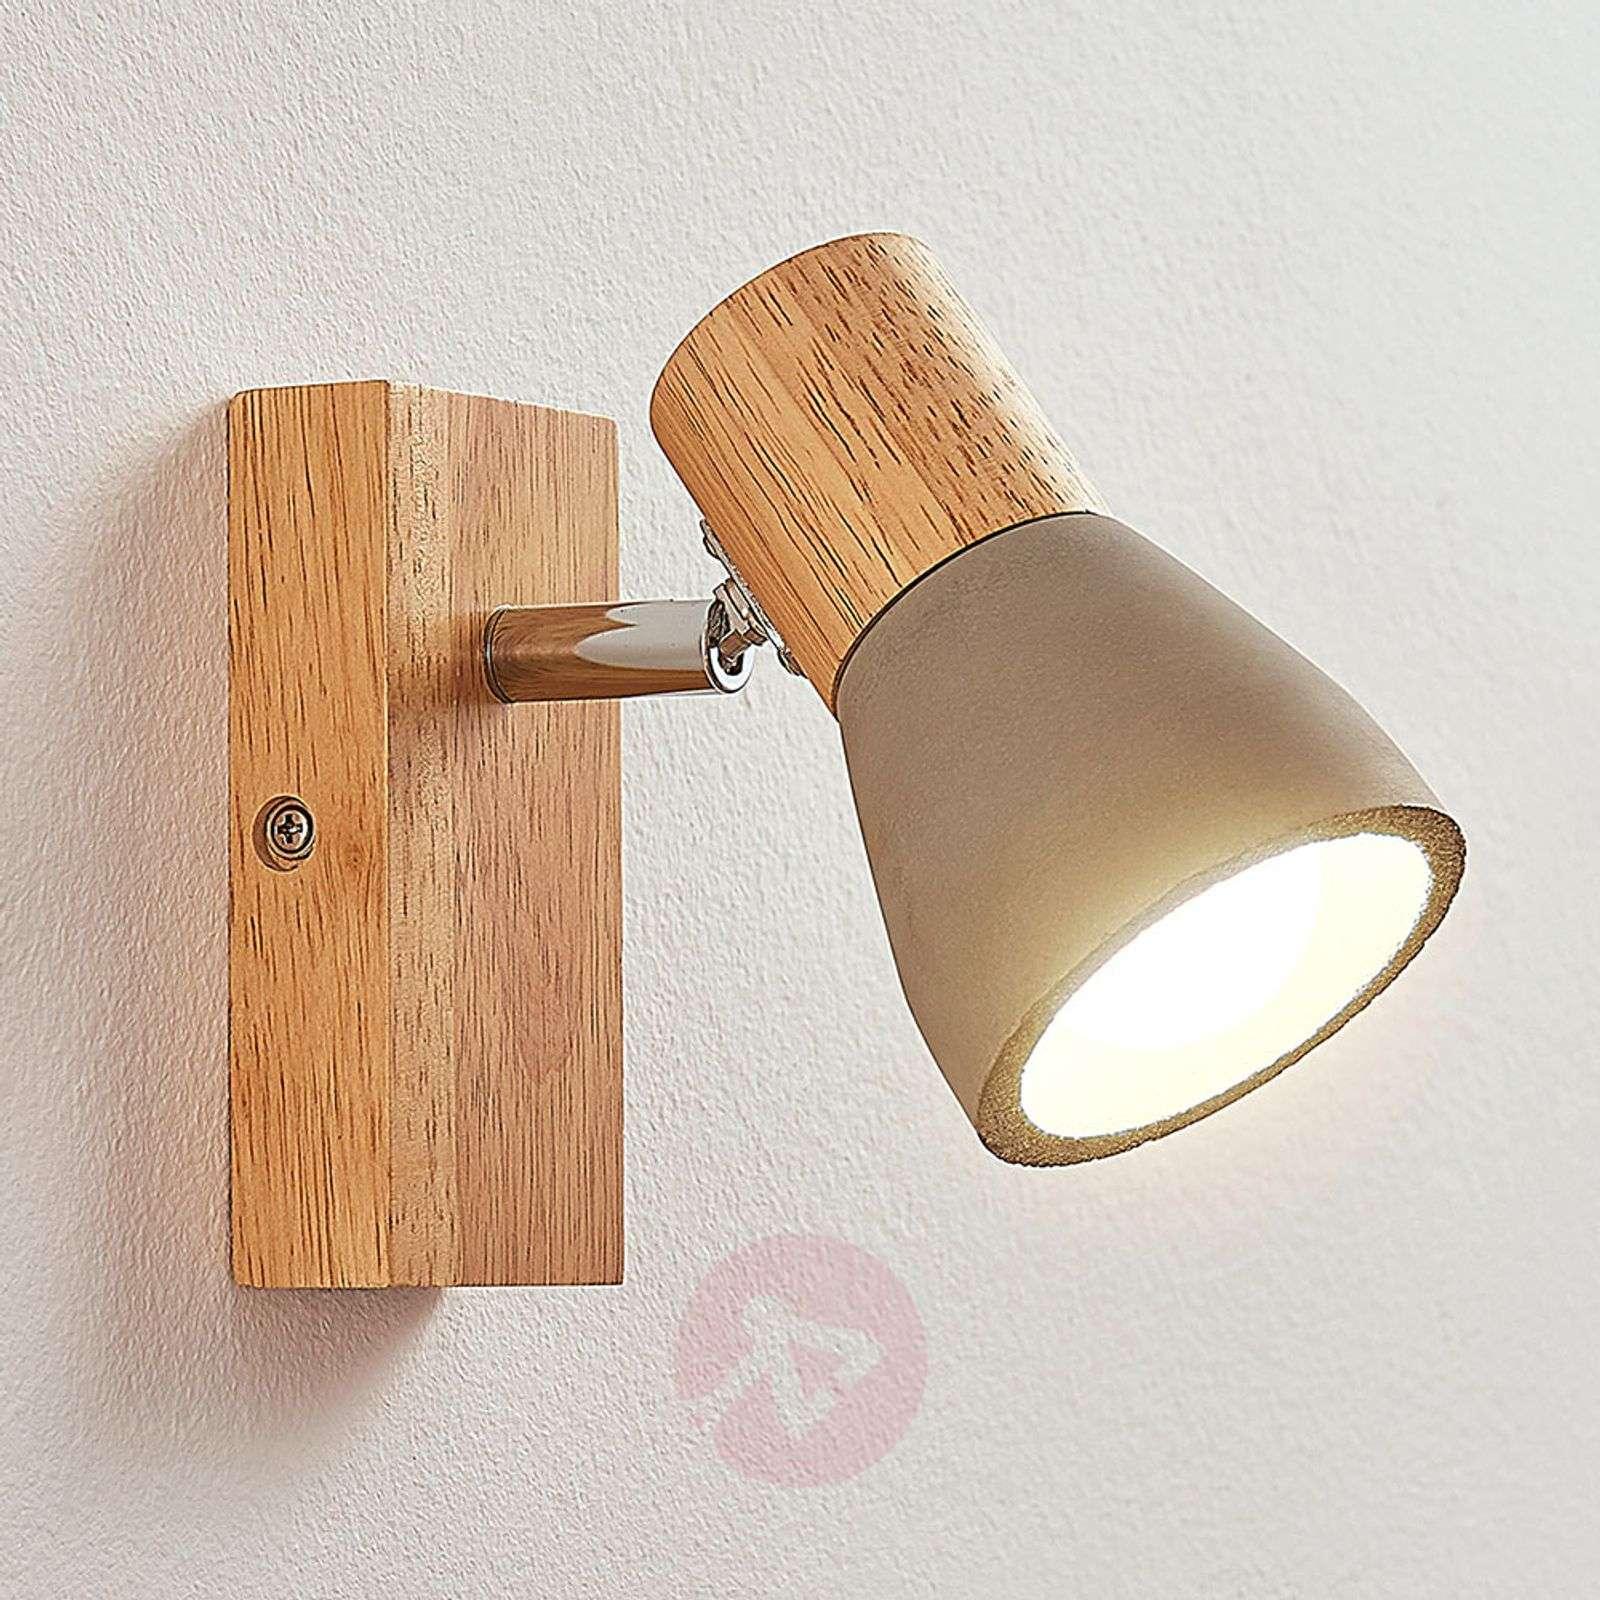 Filiz LED-kohdevalaisin puusta ja betonista-9621836-01